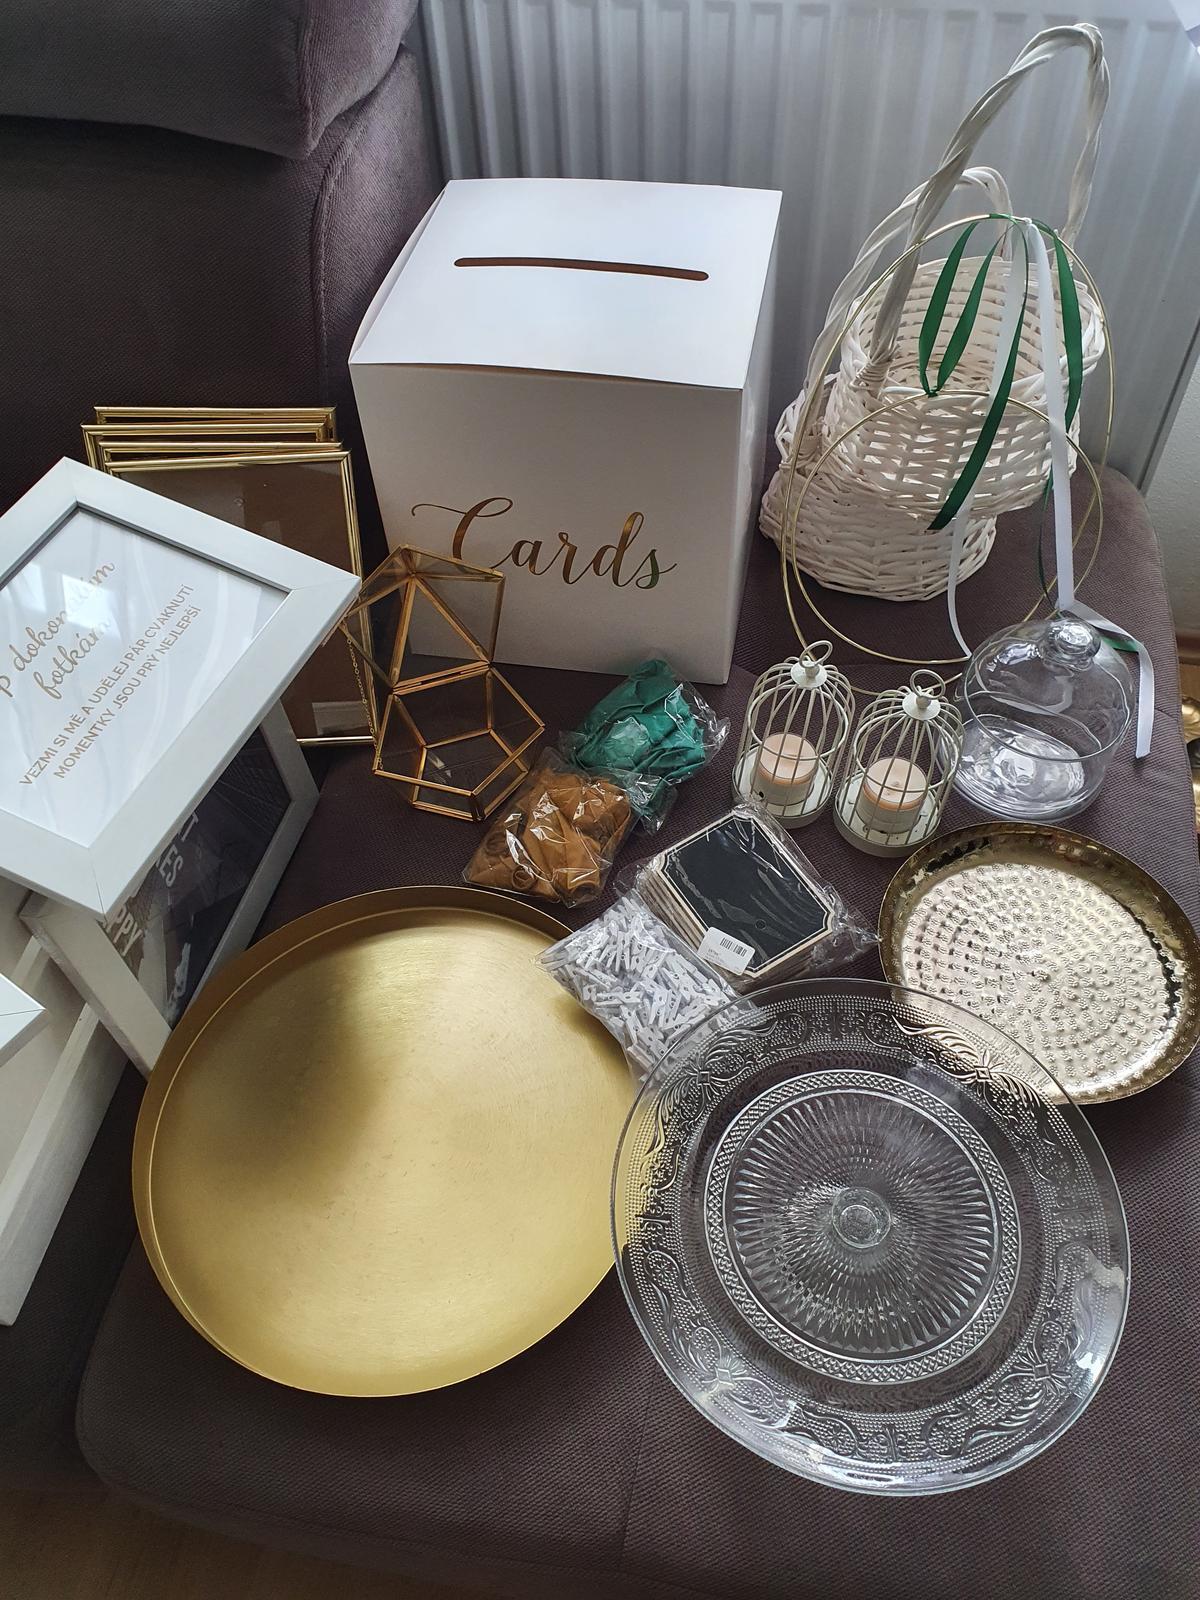 bilo - zeleno -zlate svatebni dekorace a doplňky - Obrázek č. 1